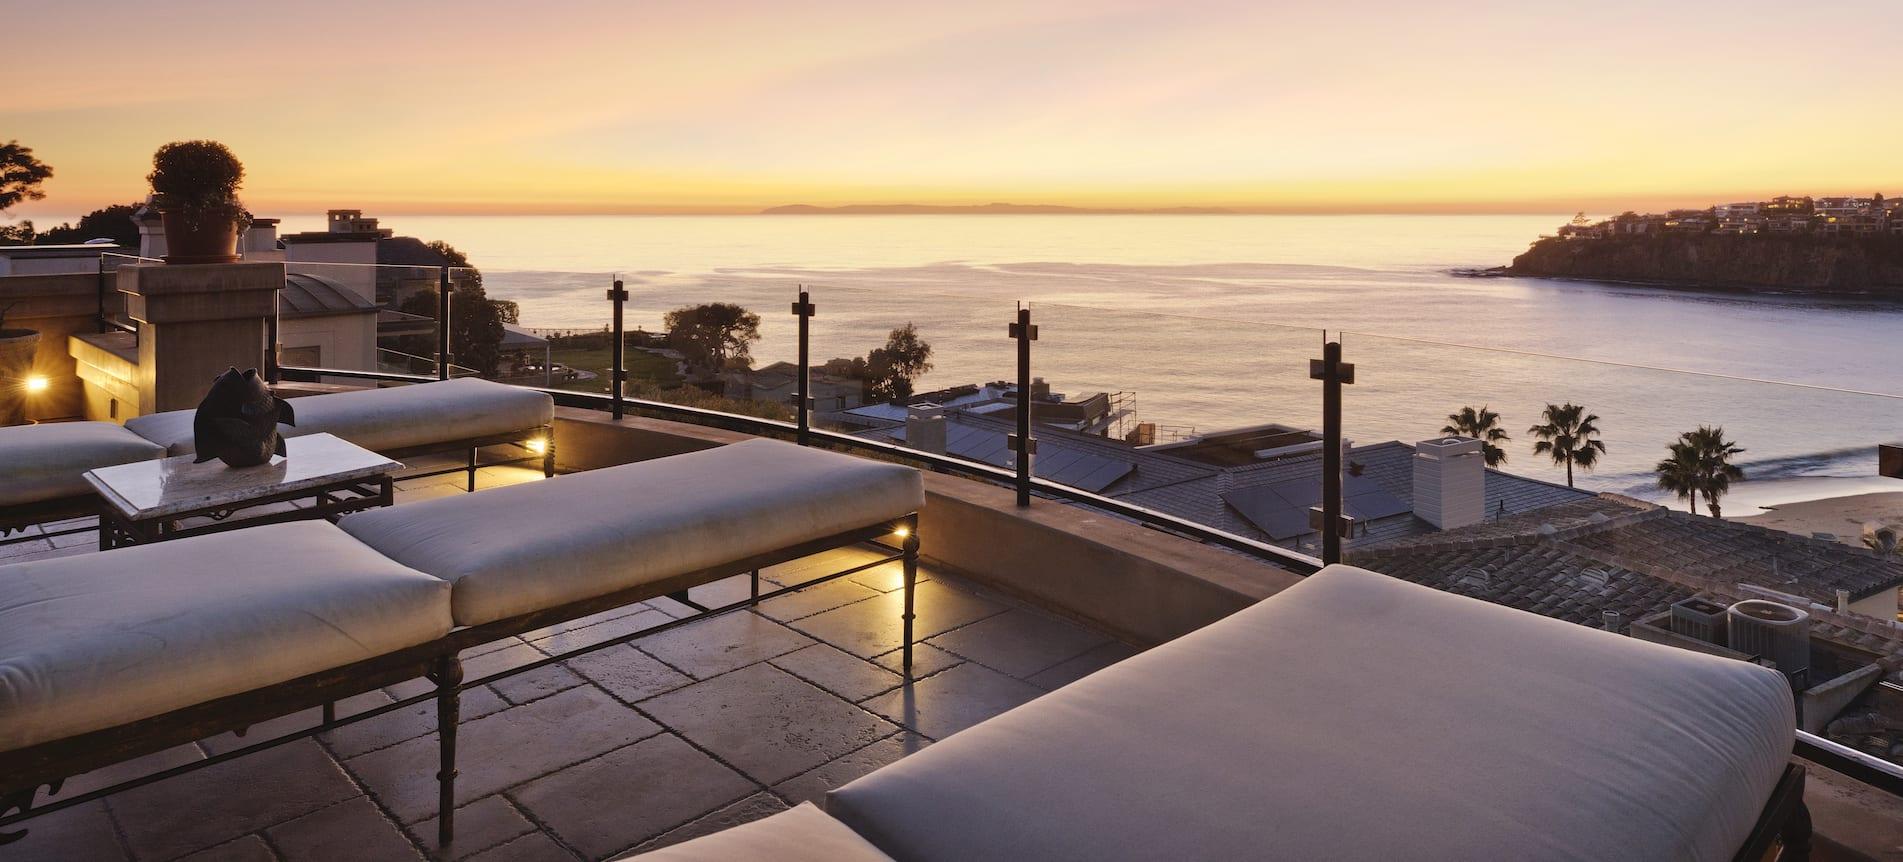 Laguna Beach Smithcliffs Bluff Luxury Home Patrick